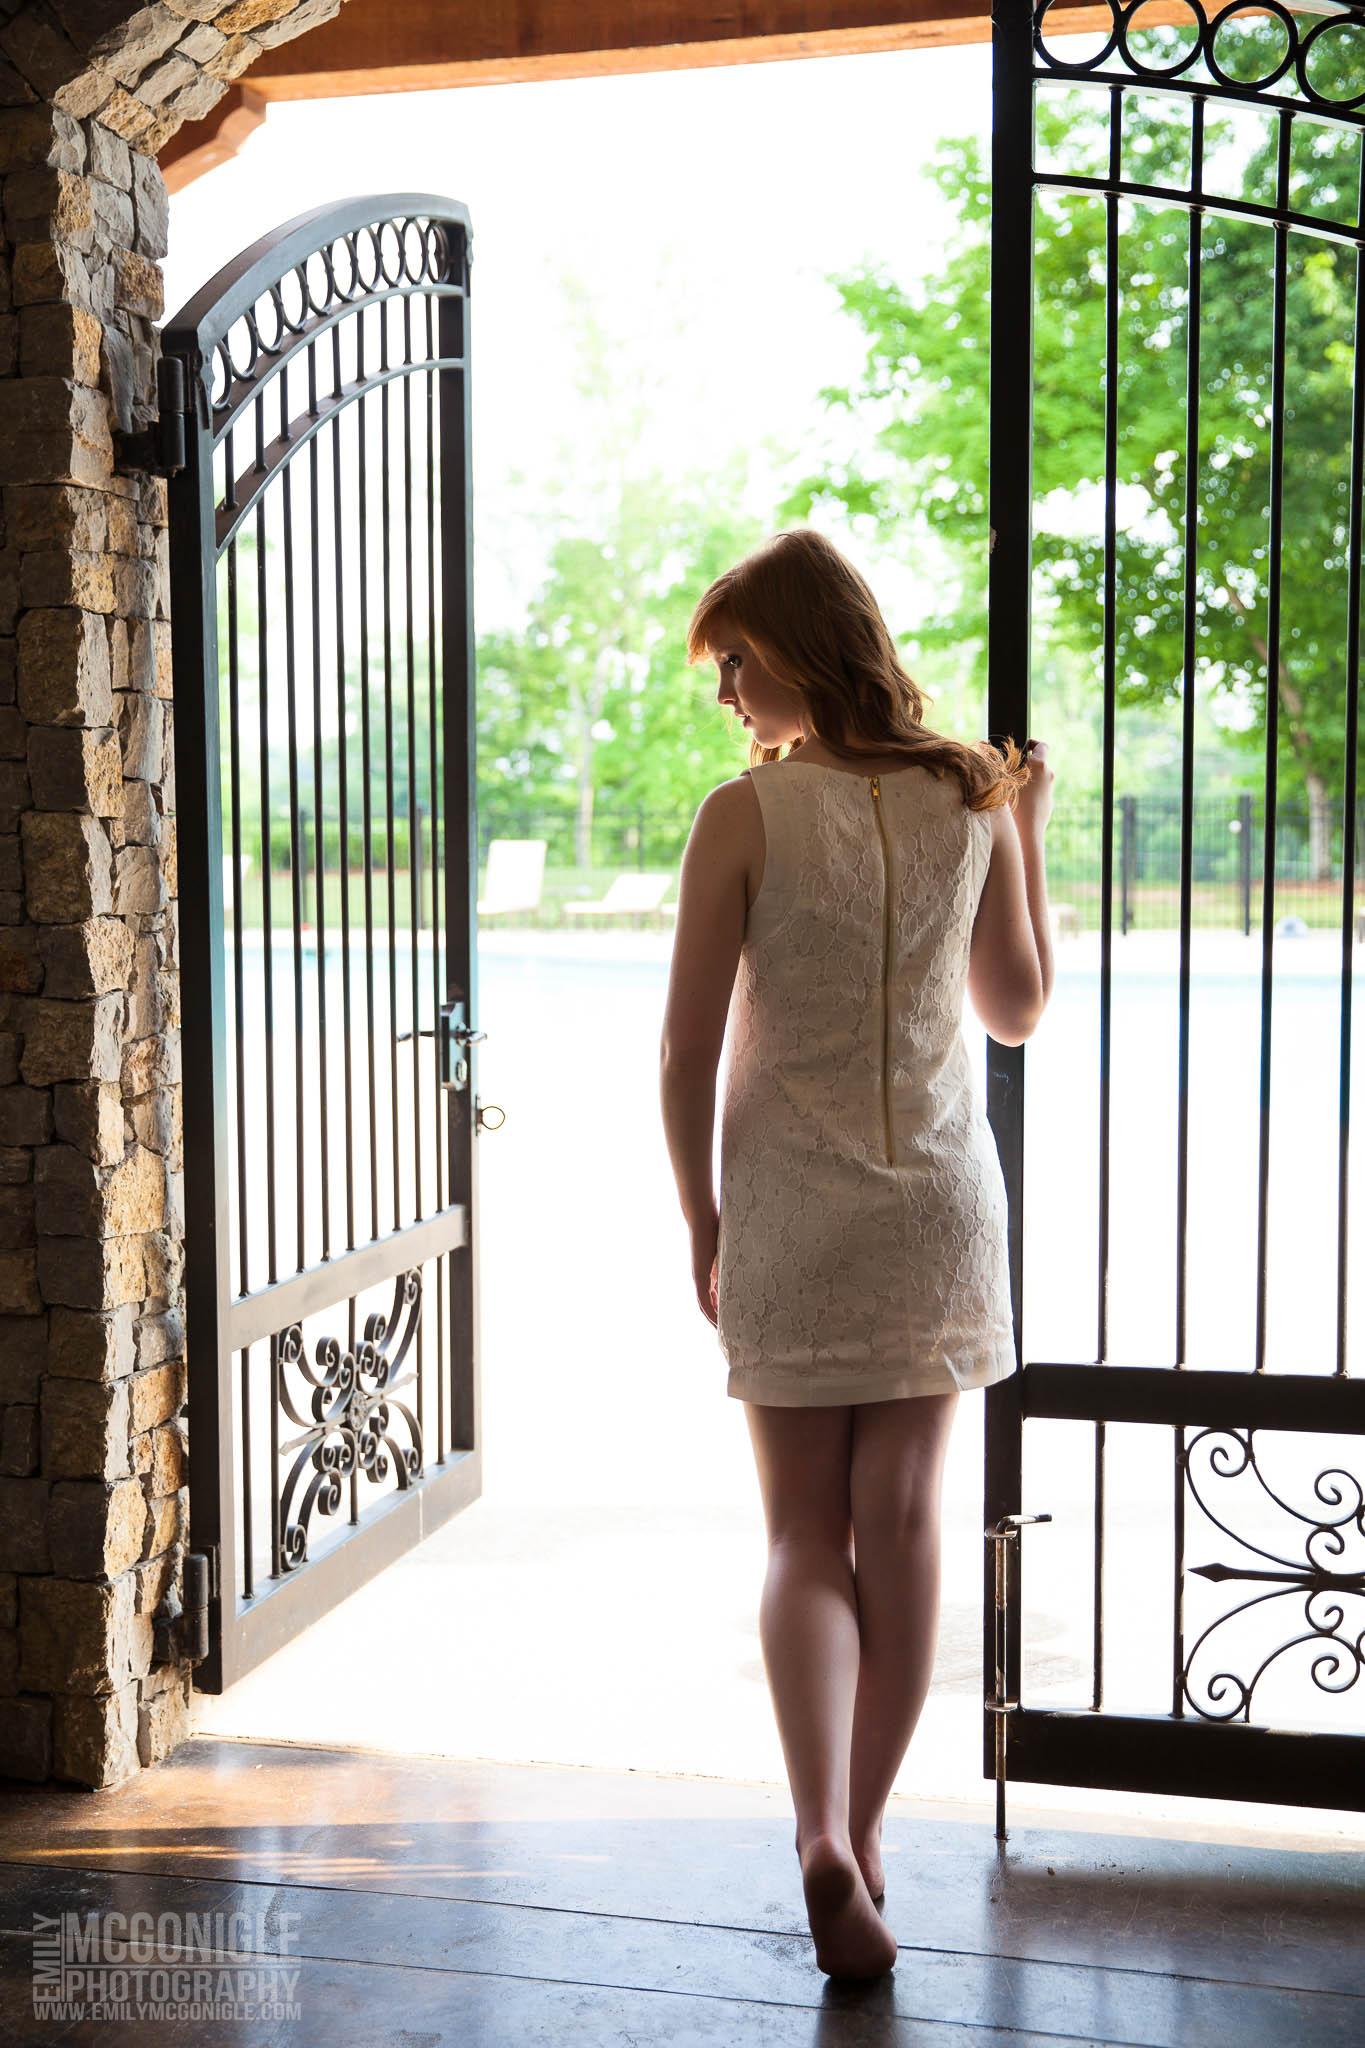 Silhouette-white-dress-gate-girl.jpg